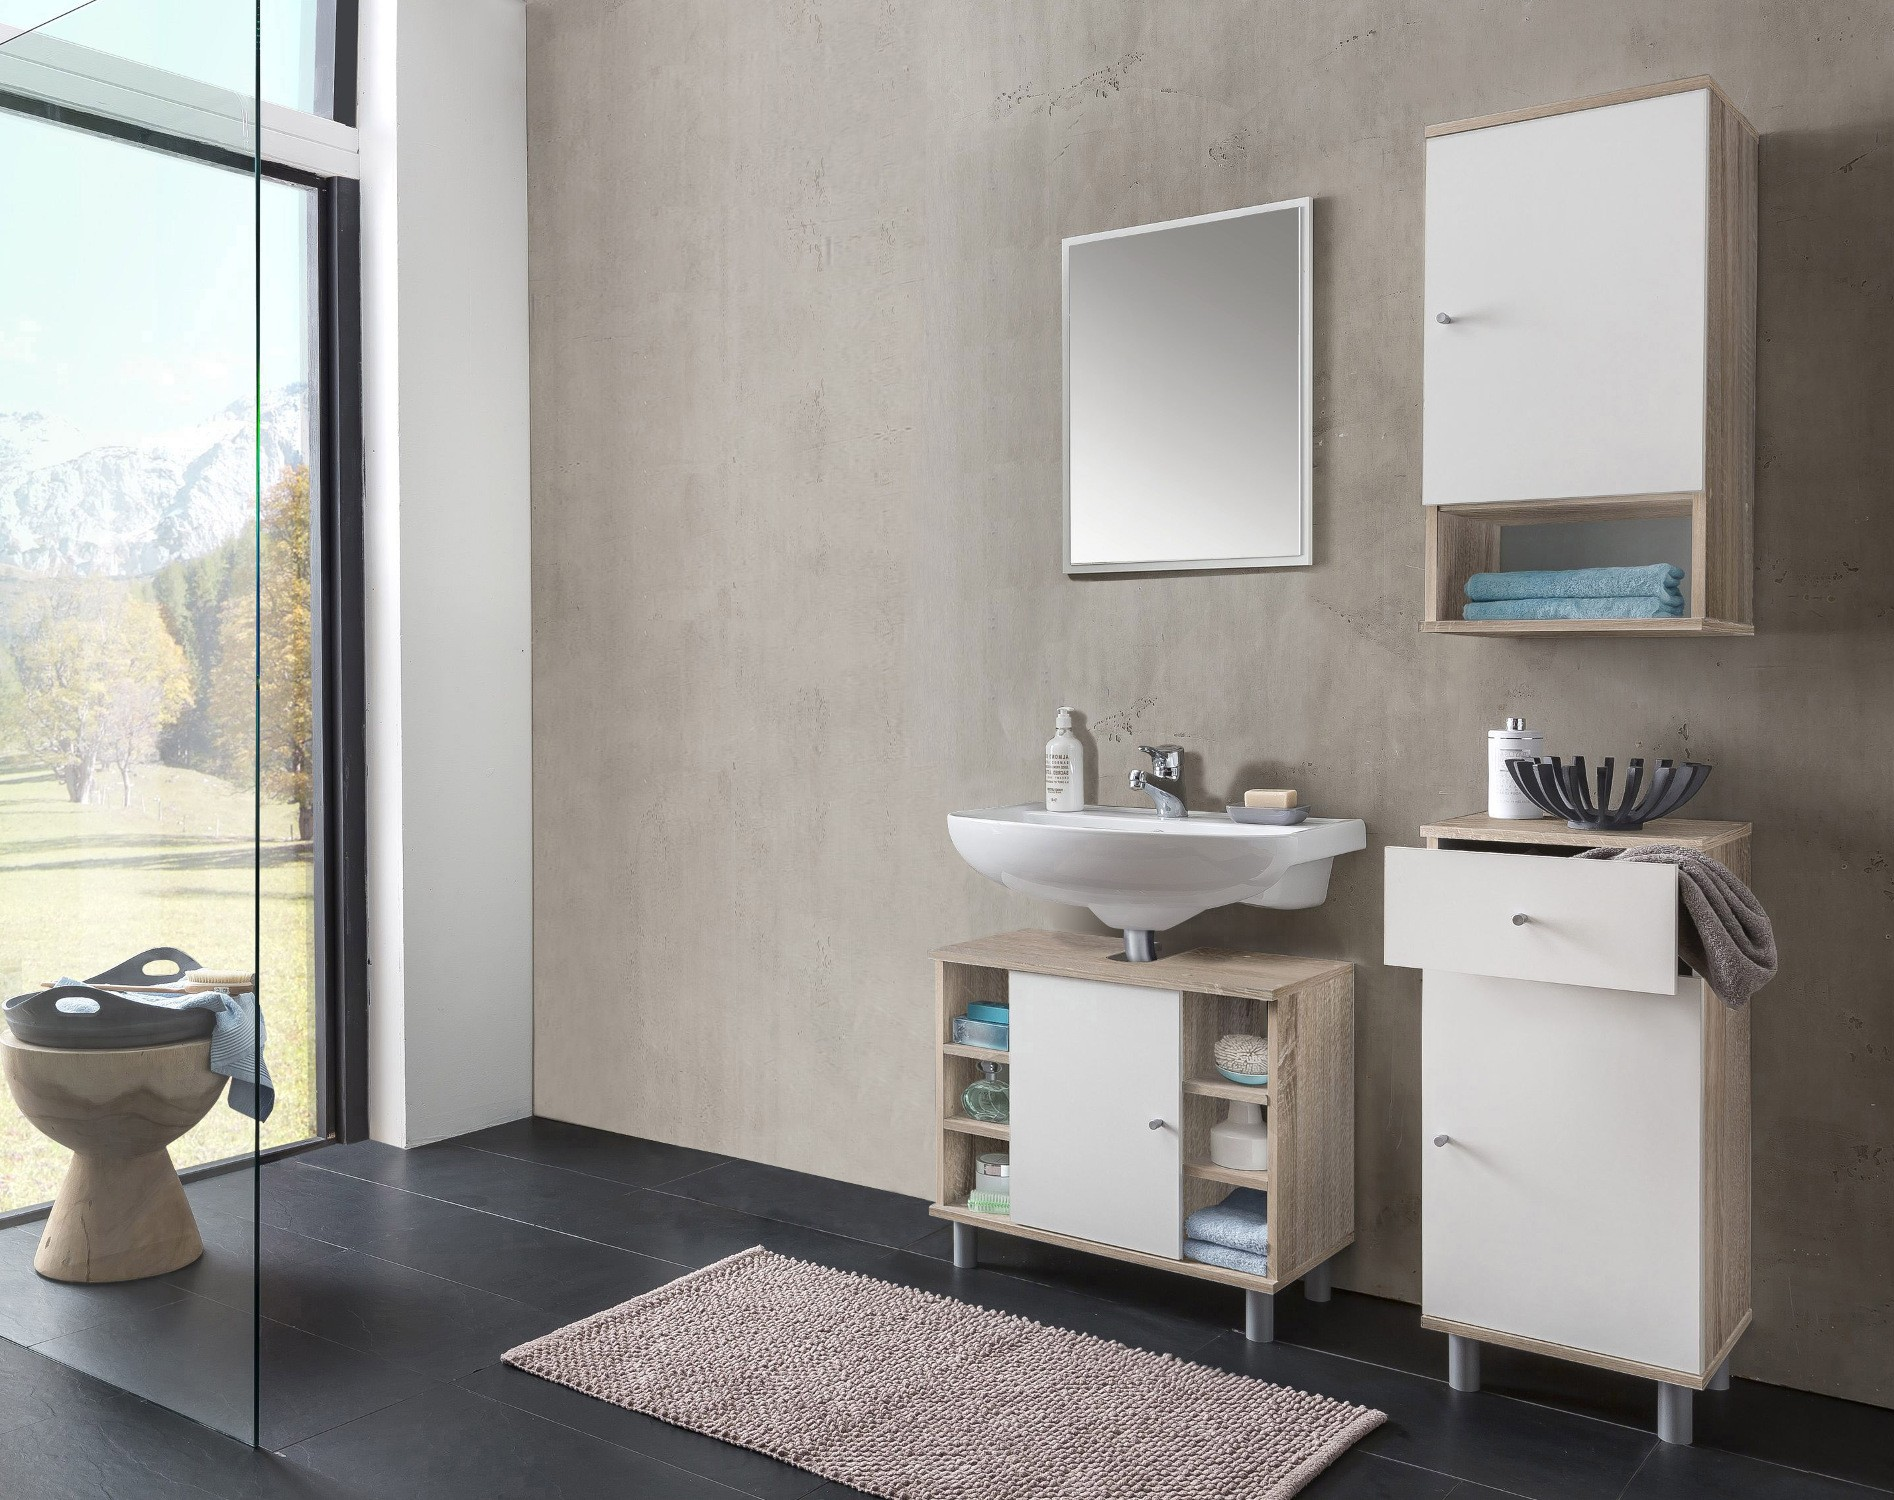 badm bel set lindau vario 1 4 teilig 95 cm breit wei eiche sonoma bad badm belsets. Black Bedroom Furniture Sets. Home Design Ideas